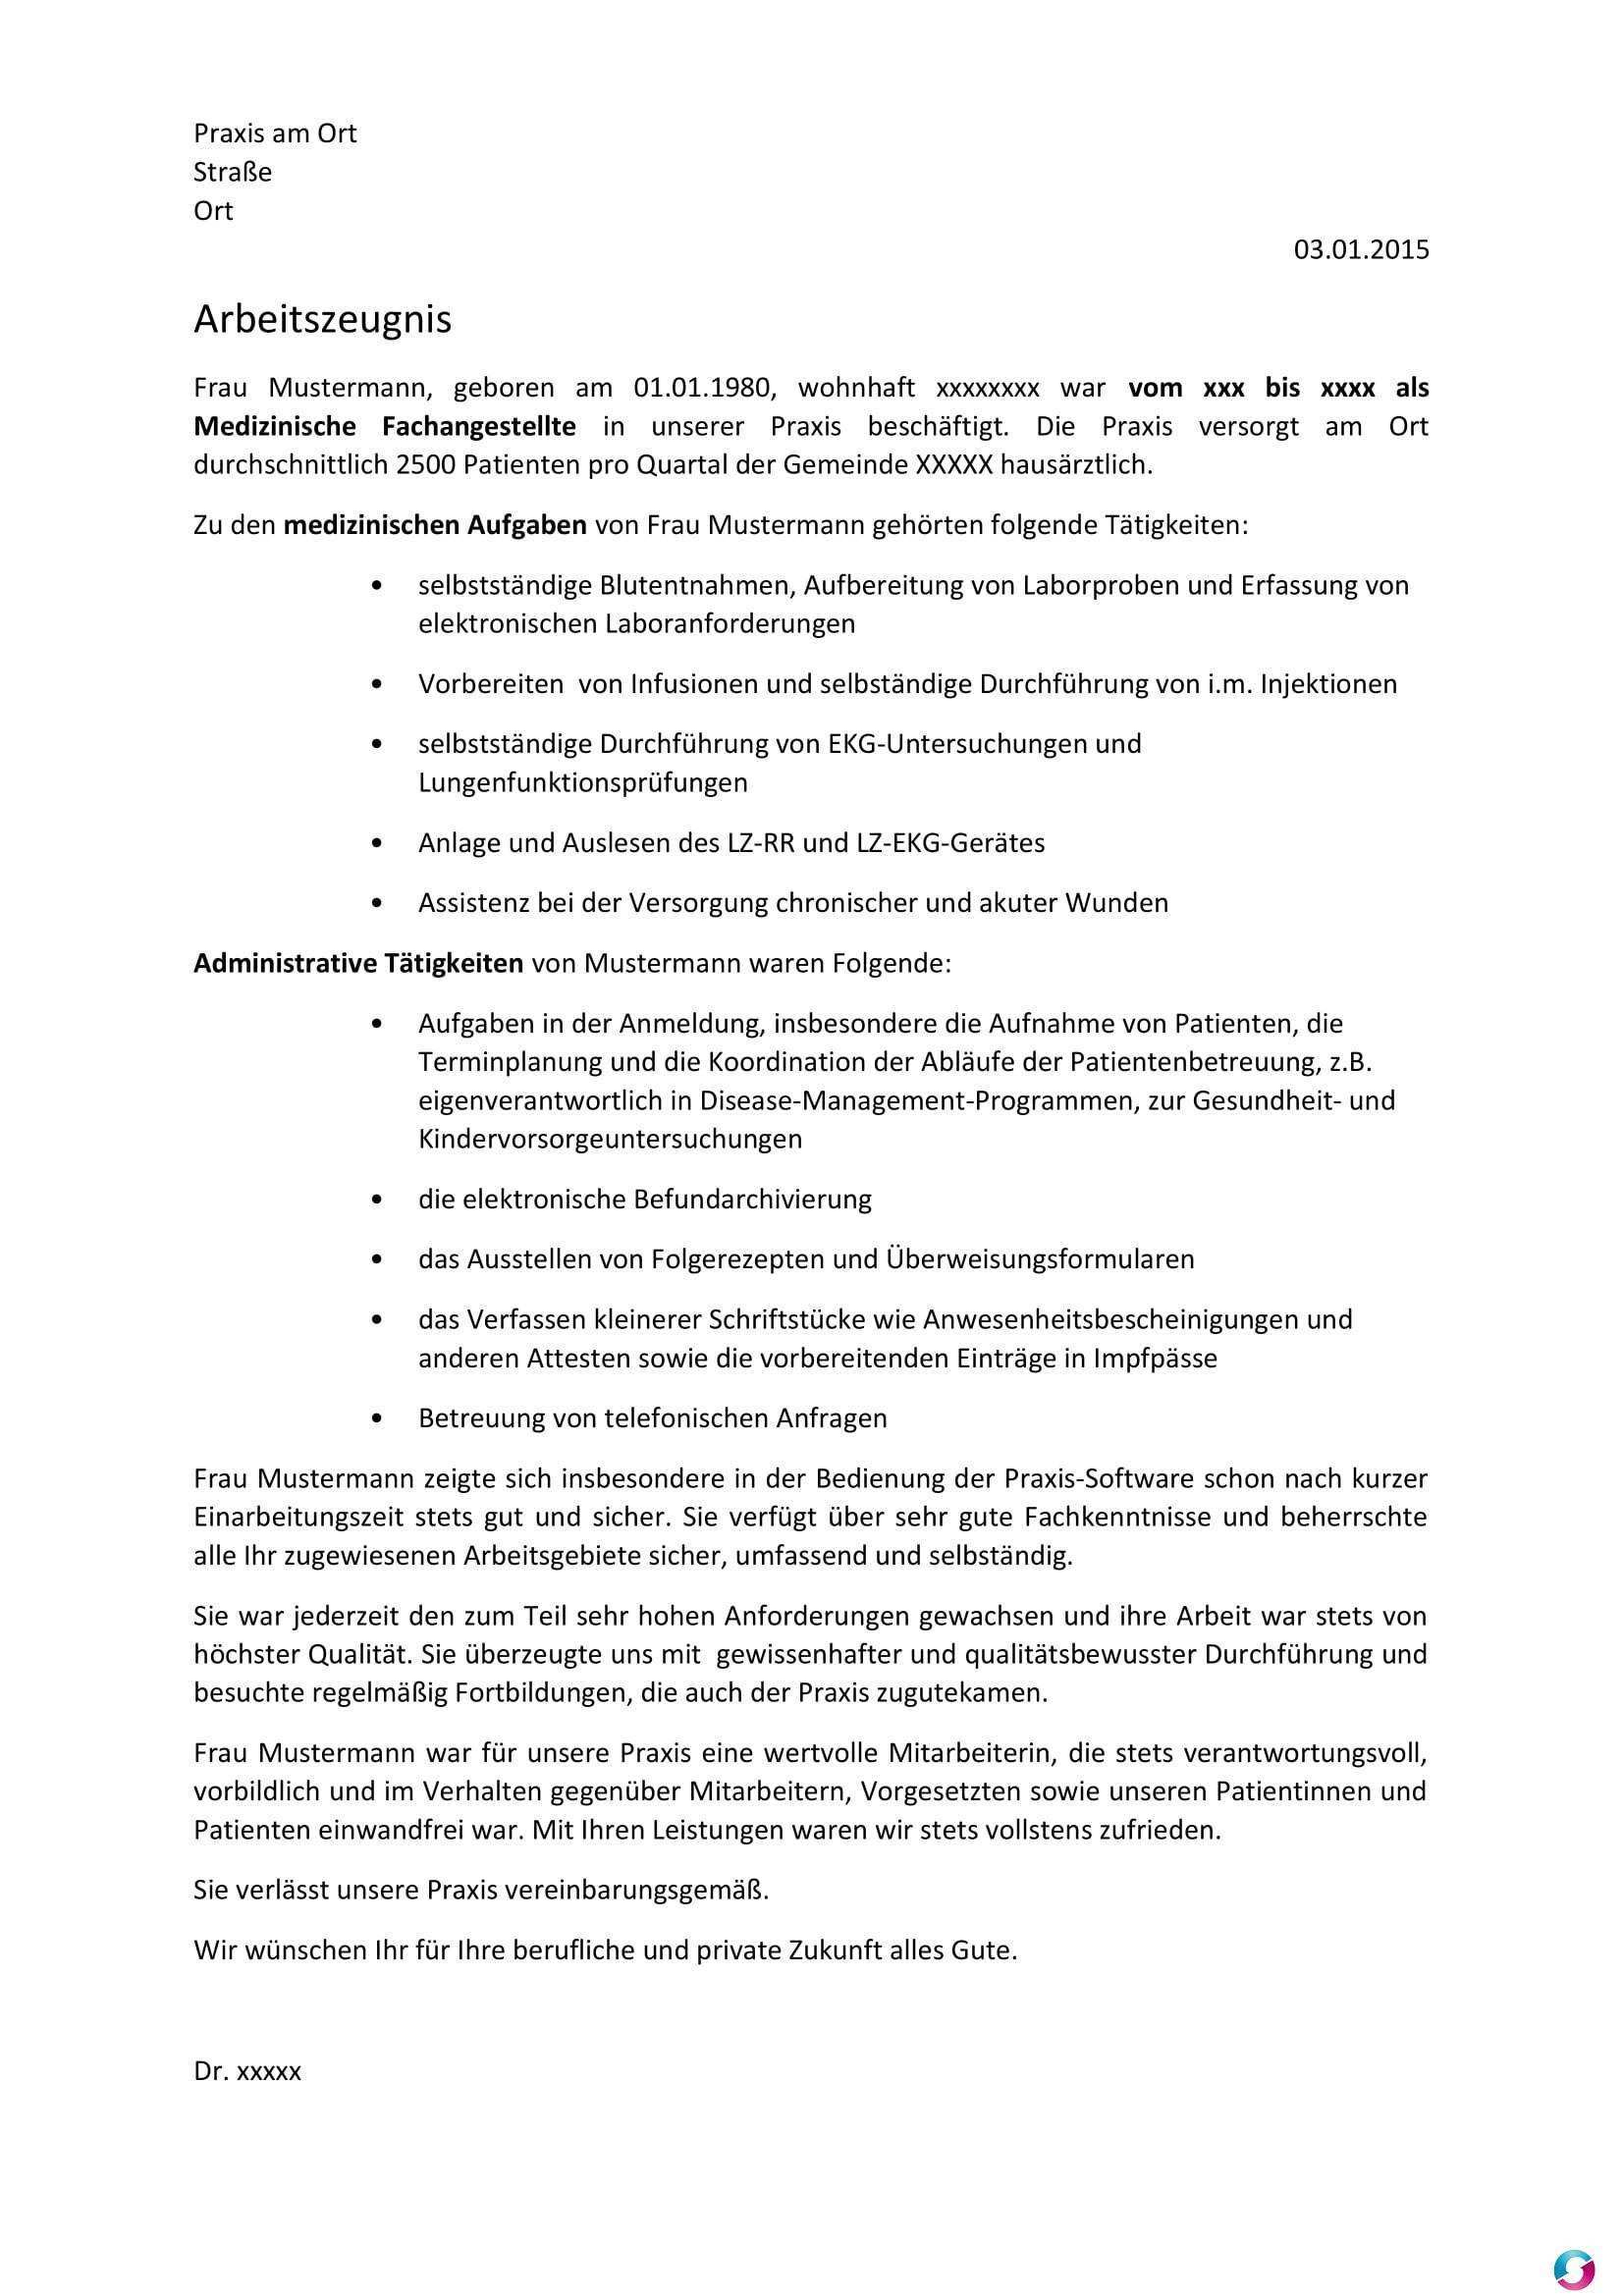 Arbeitszeugnis Medizinische Fachangestellte Mfa Fruher Arzthelferin Vorlage Kostenlose Vorlagen Arztpraxis Teramed